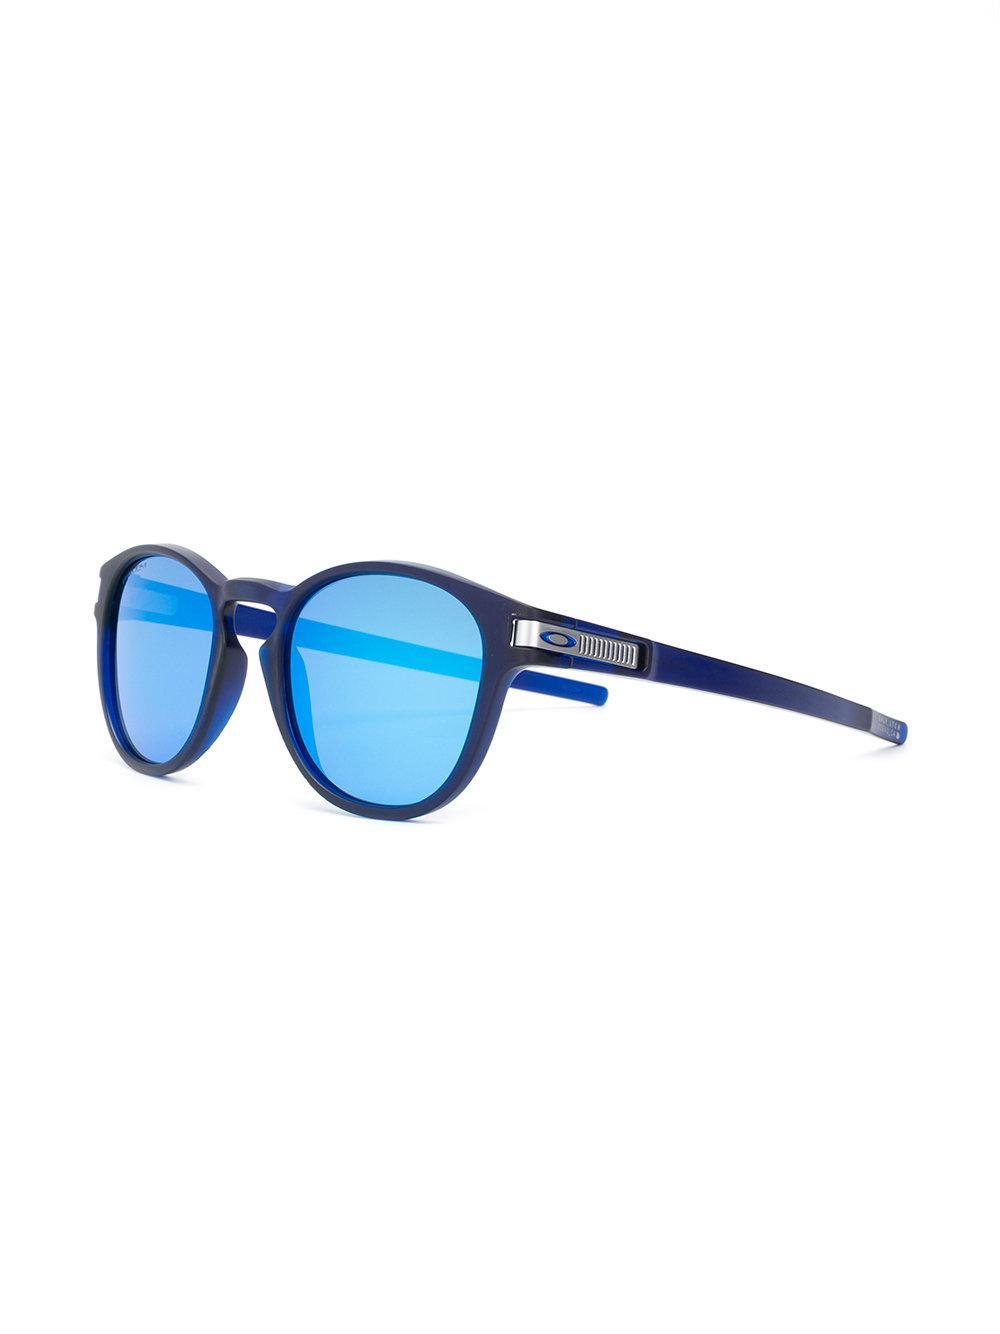 Lyst - Lunettes de soleil Latch Oakley pour homme en coloris Bleu 99b6f7bebe00